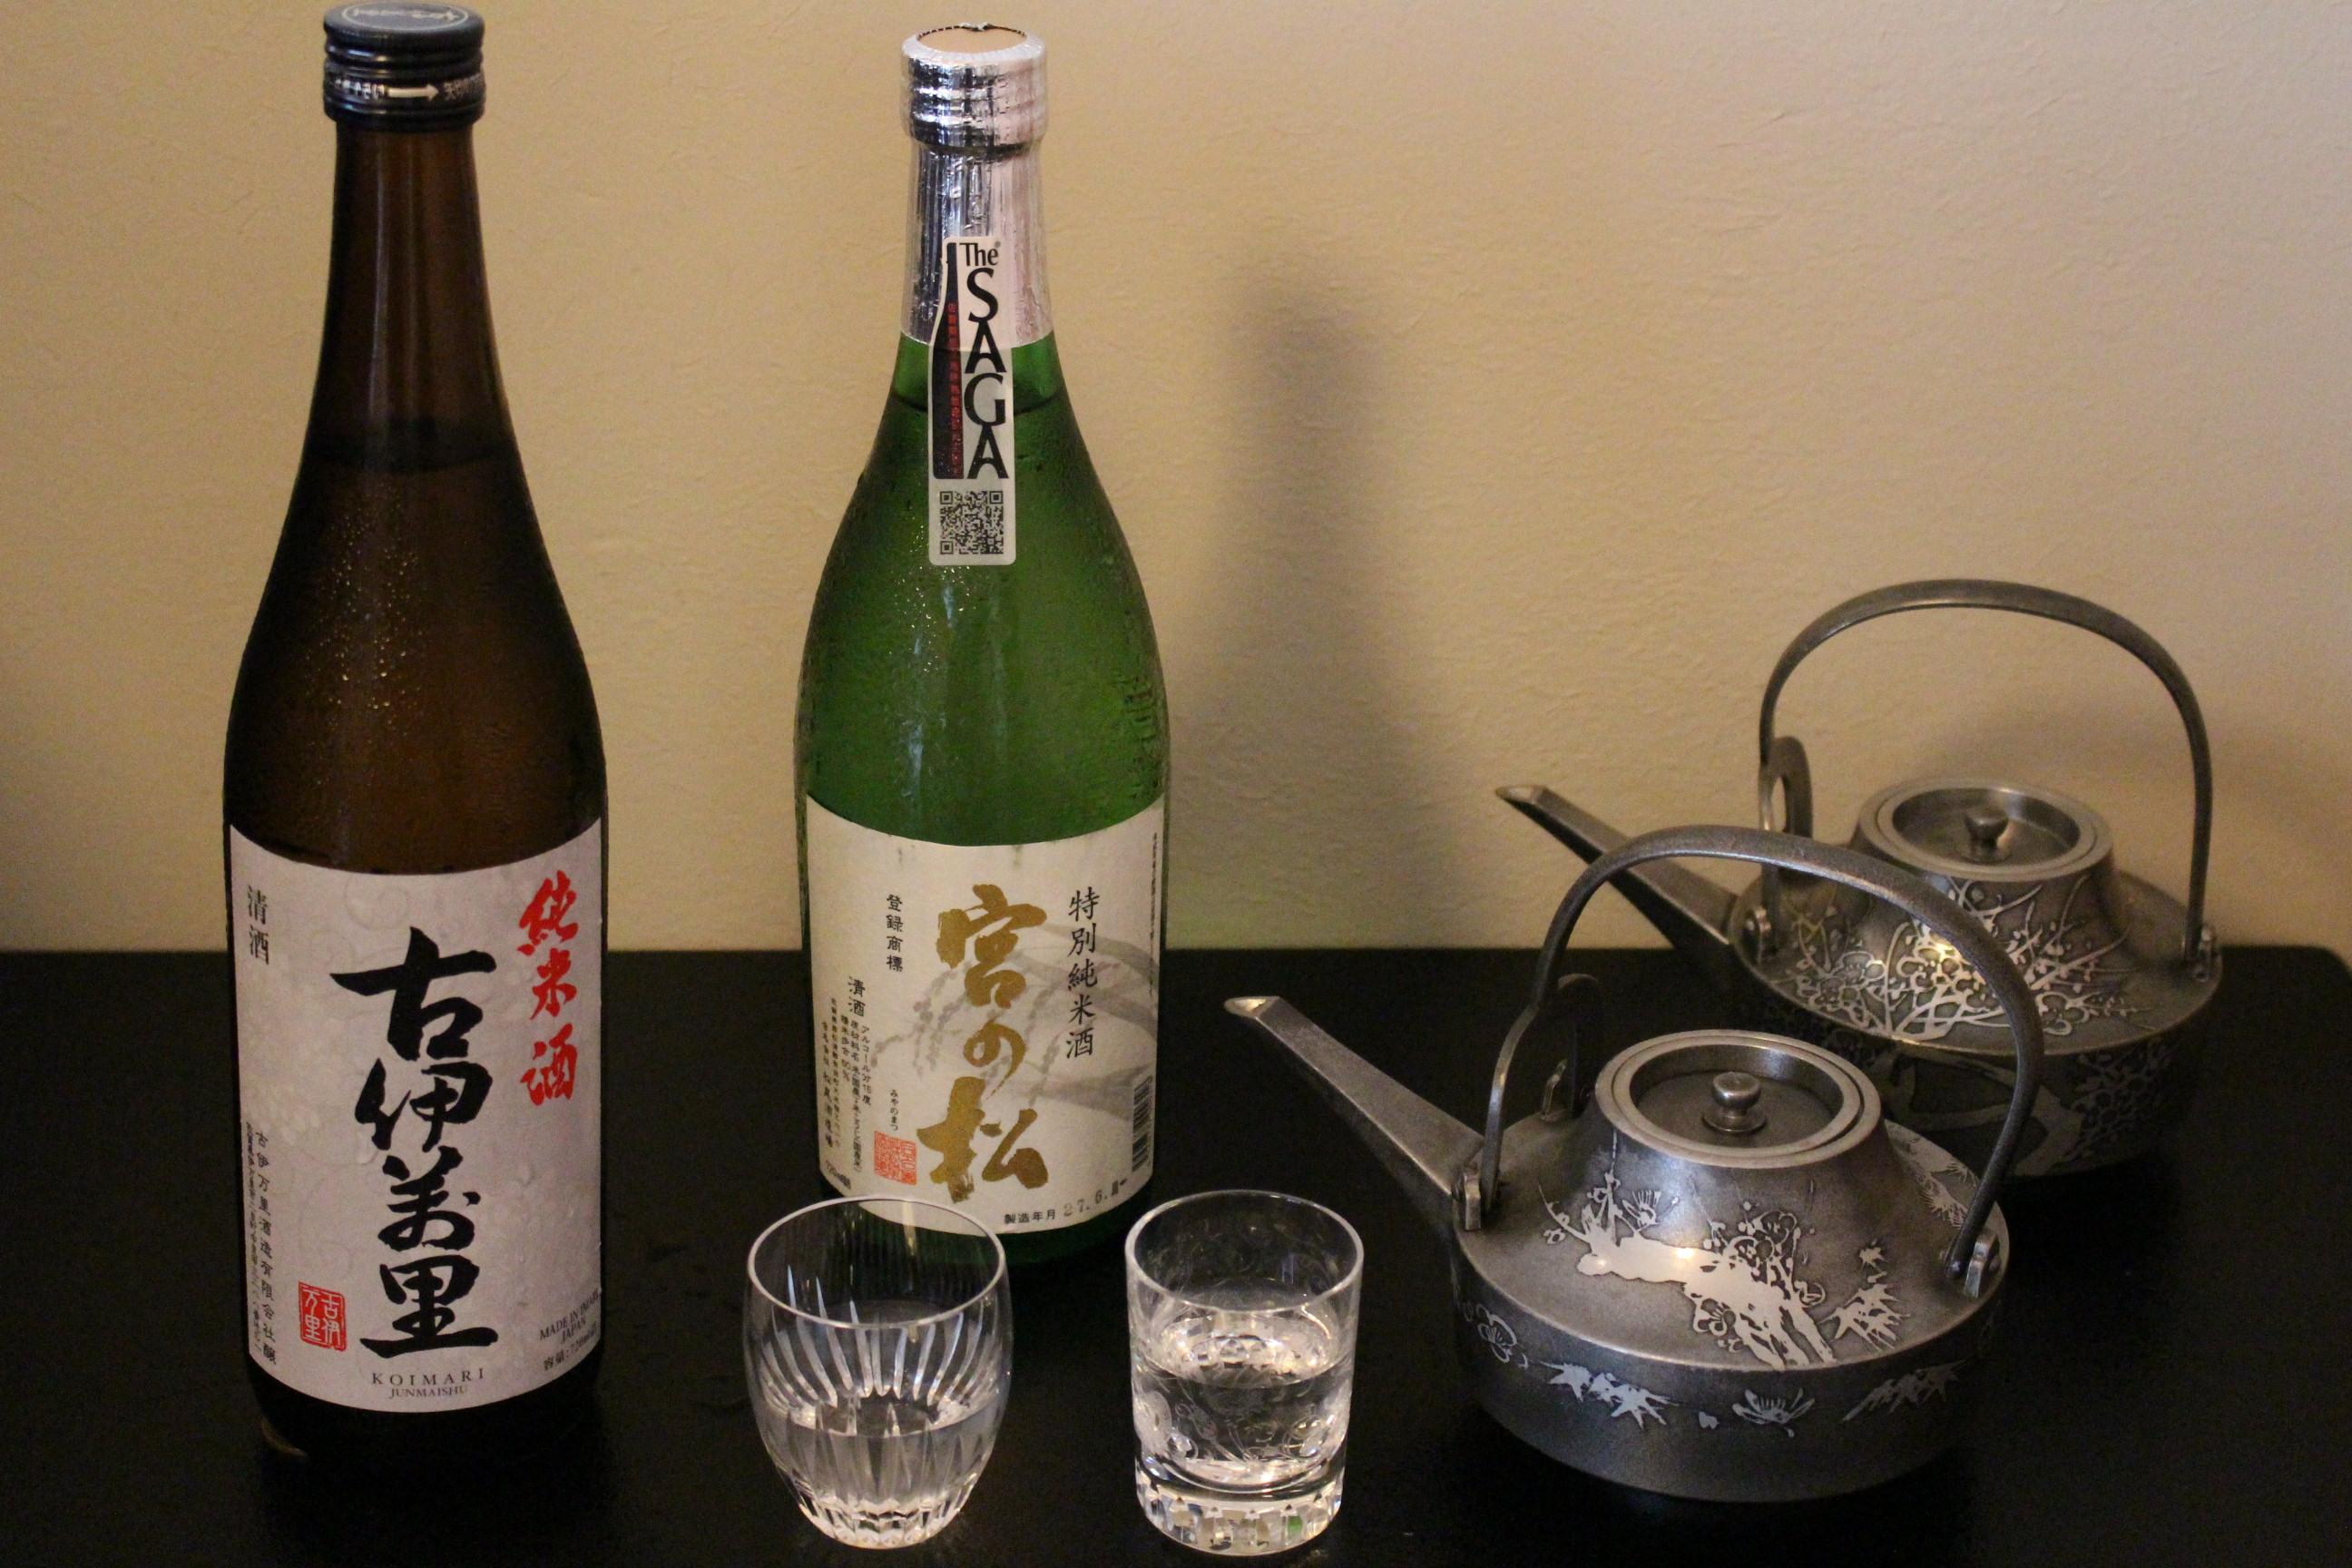 日本酒も辛口を中心に各種揃えておりますので、料理と共にお楽しみいただけます。